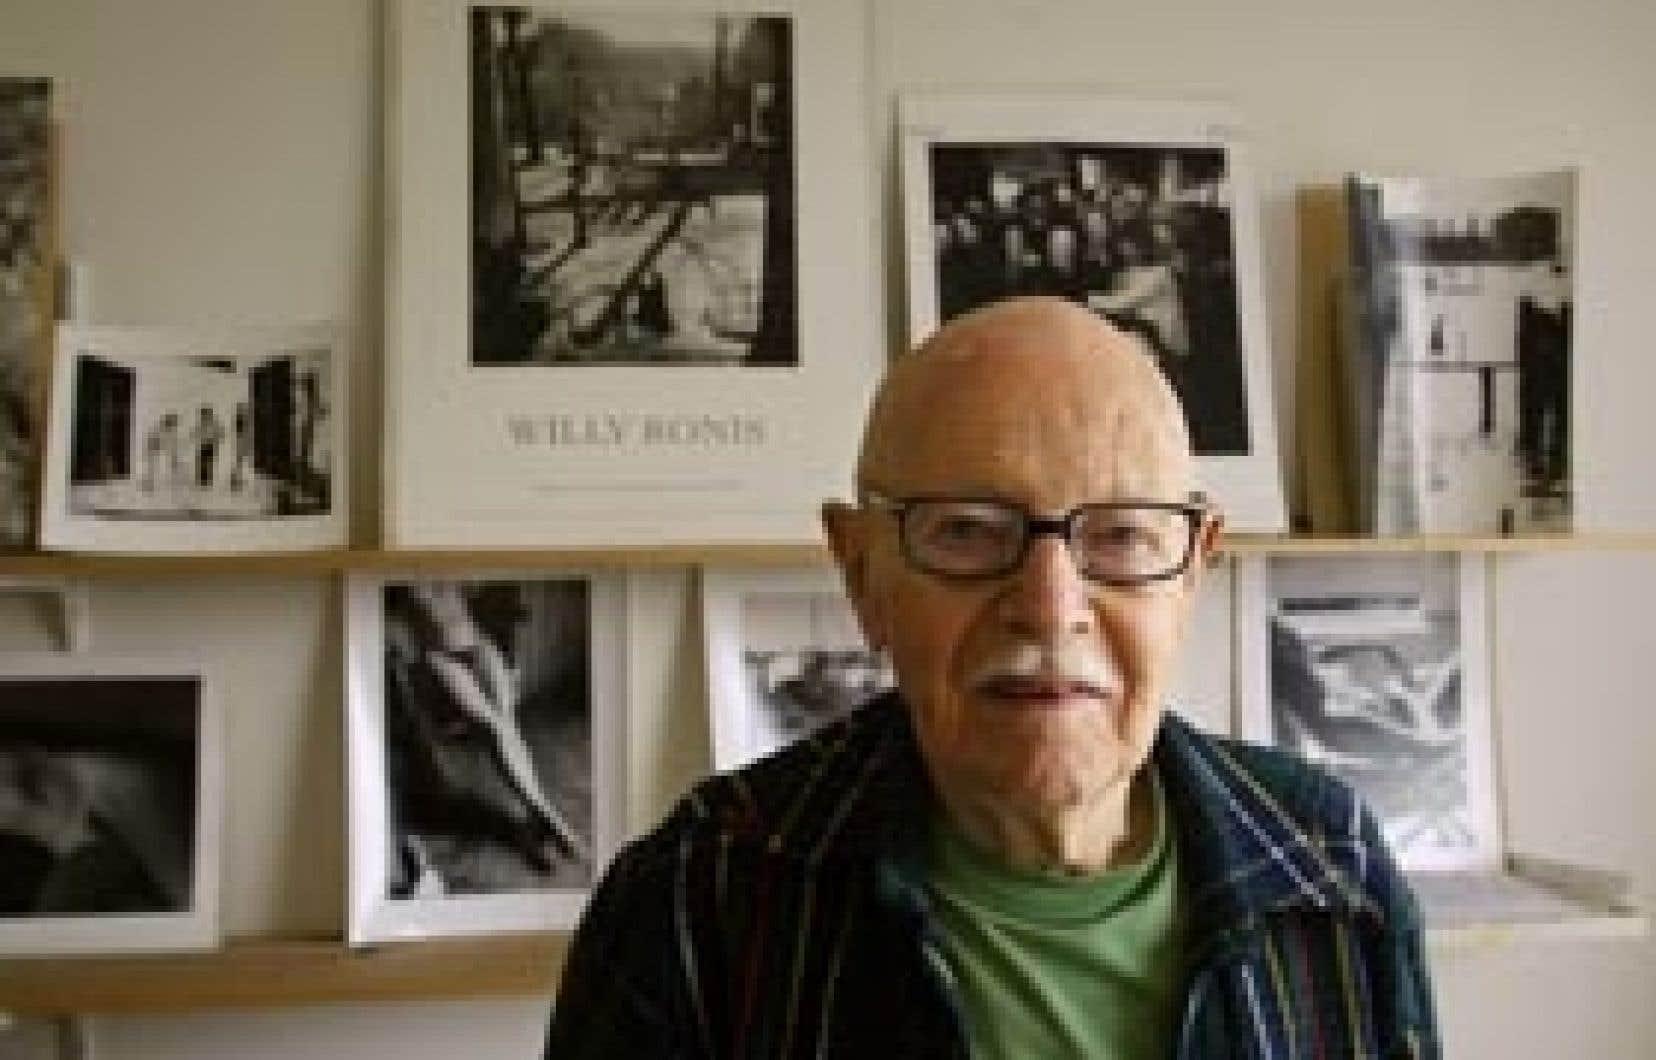 Cliché pris en 2003 de Willy Ronis dans son appartement. Il a été le premier photographe français à travailler au magazine Life et a remporté plusieurs prix pendant sa carrière.